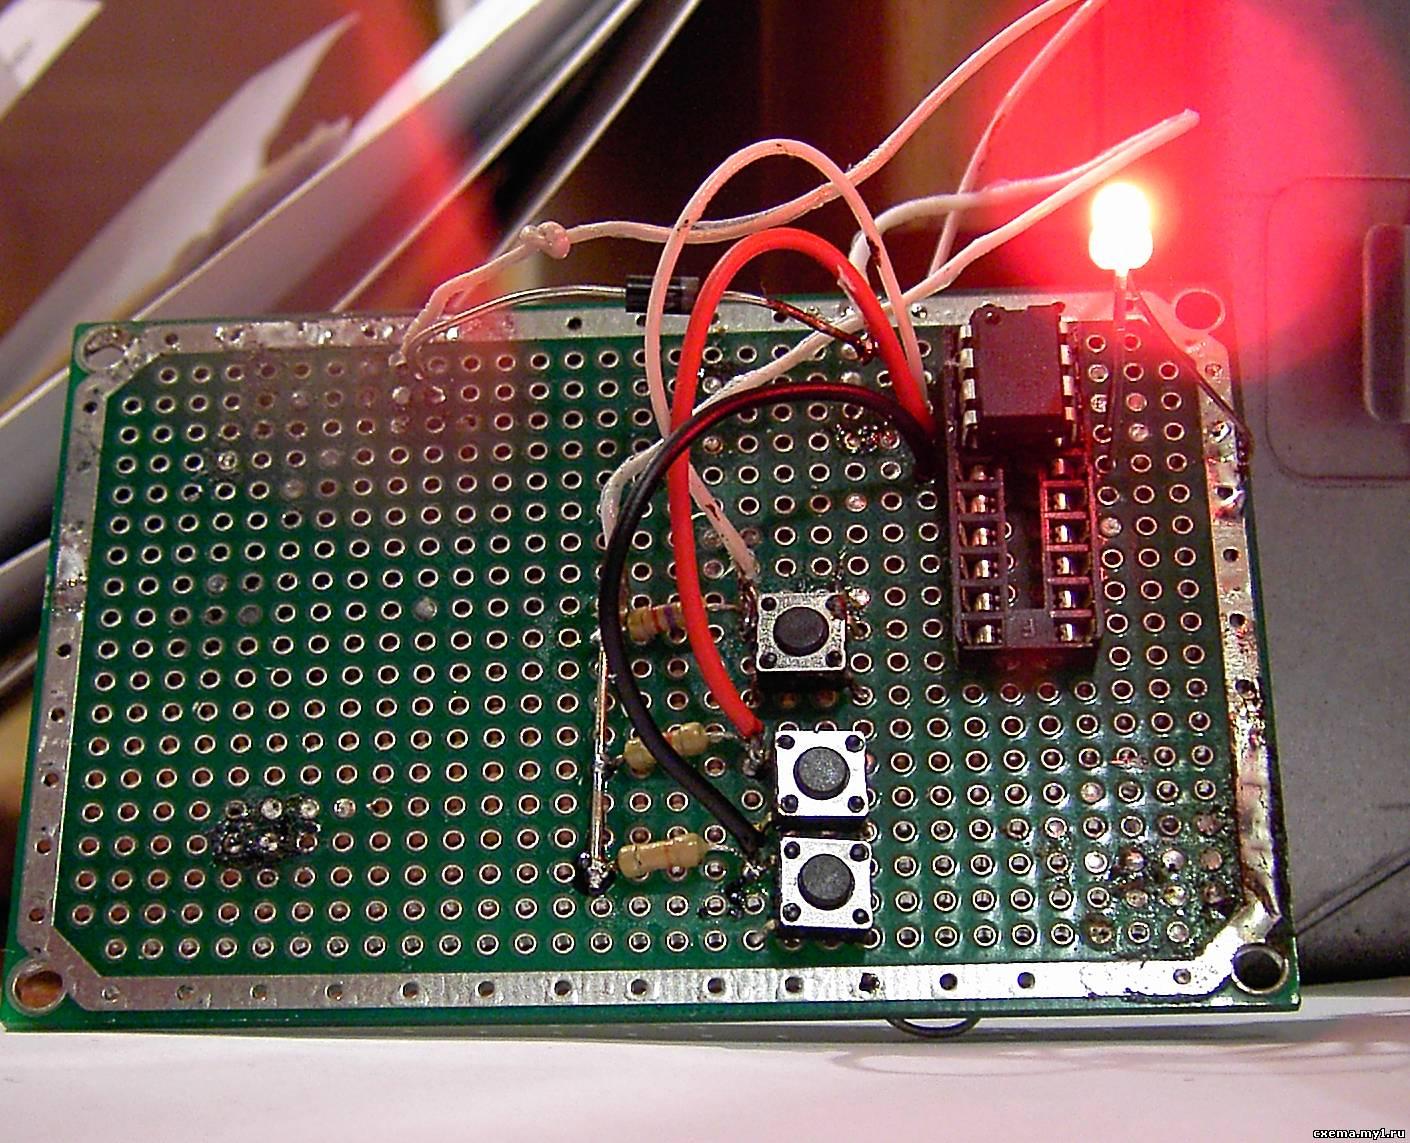 схема терморегулятор для инкубатора на lm393